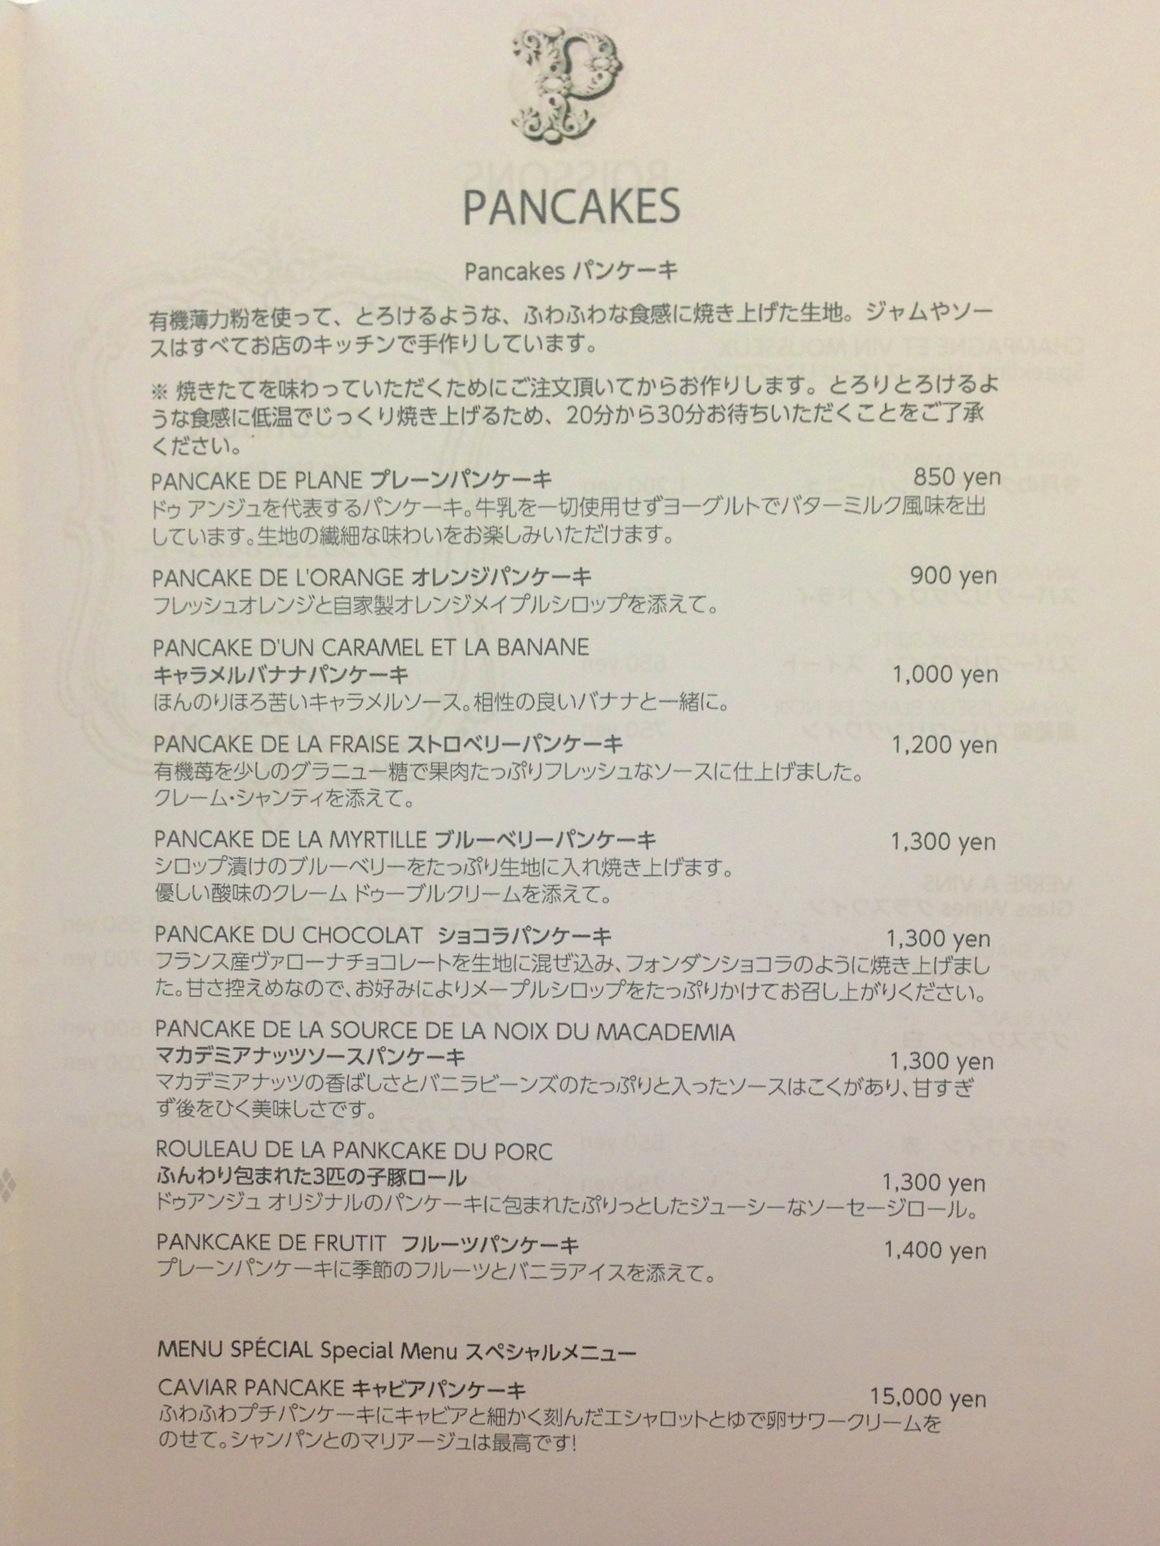 パンケーキメニュー / ドゥ・アンジュ